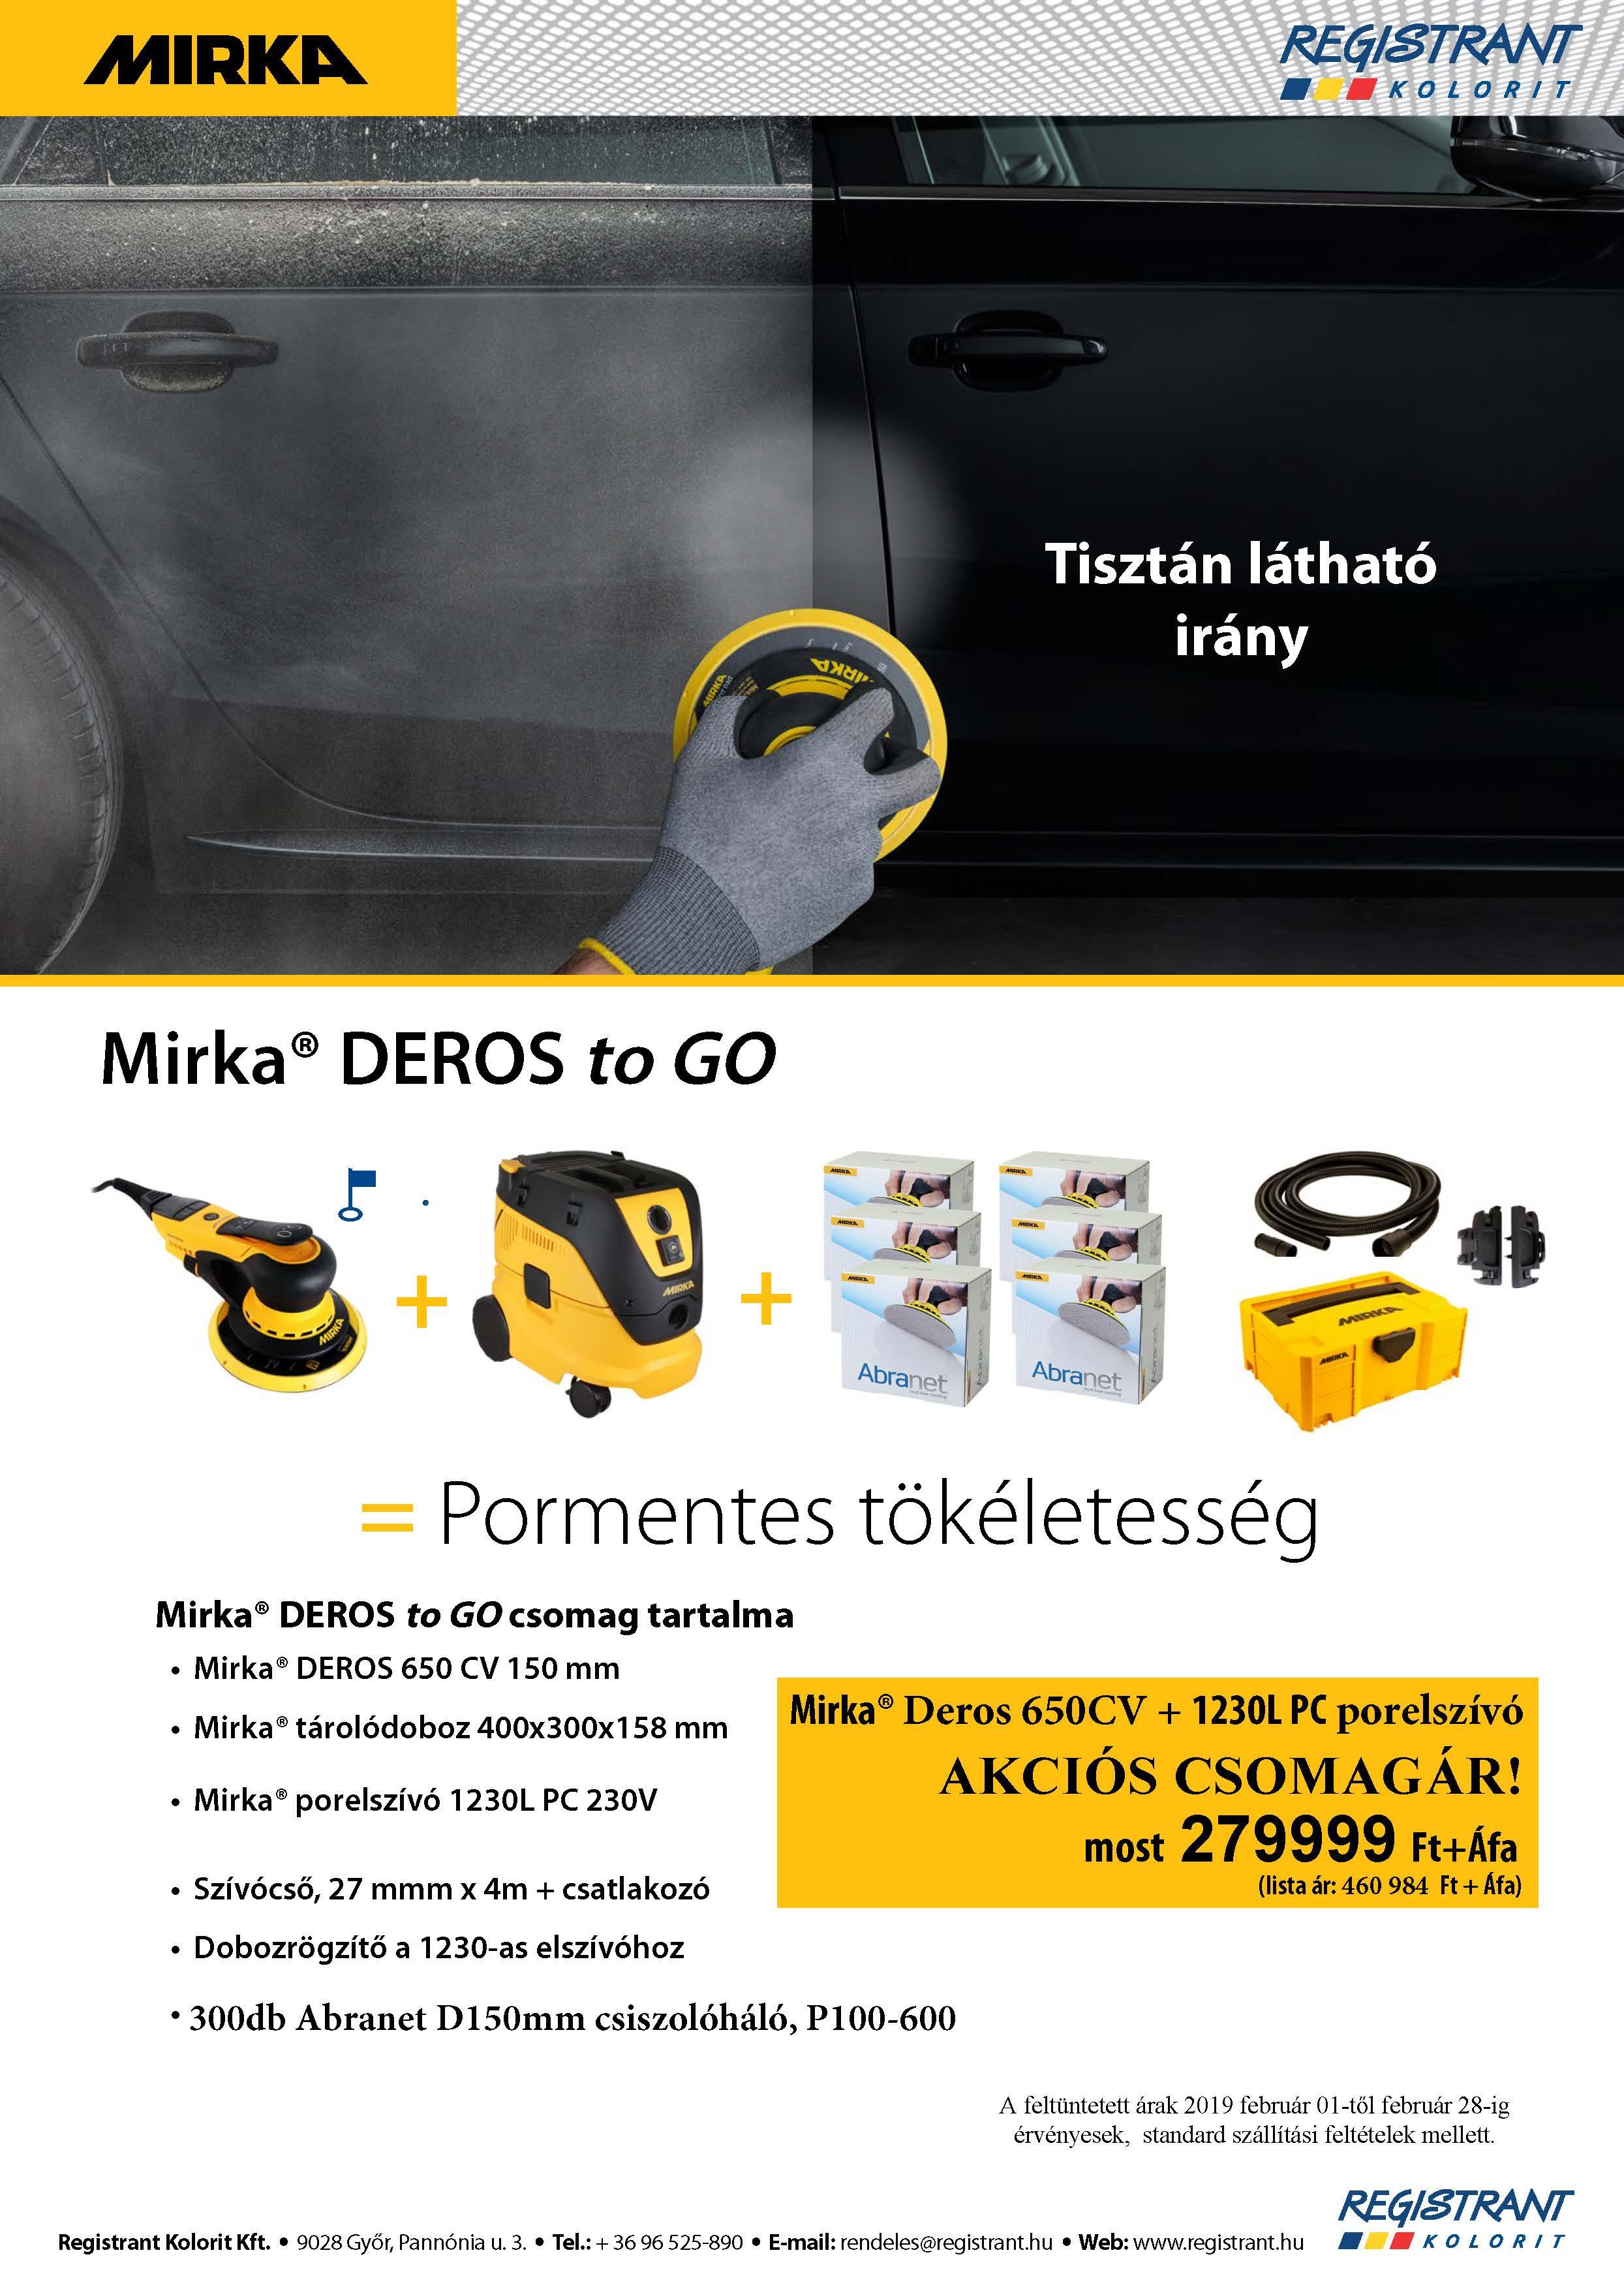 Mirka Deros to Go akció!